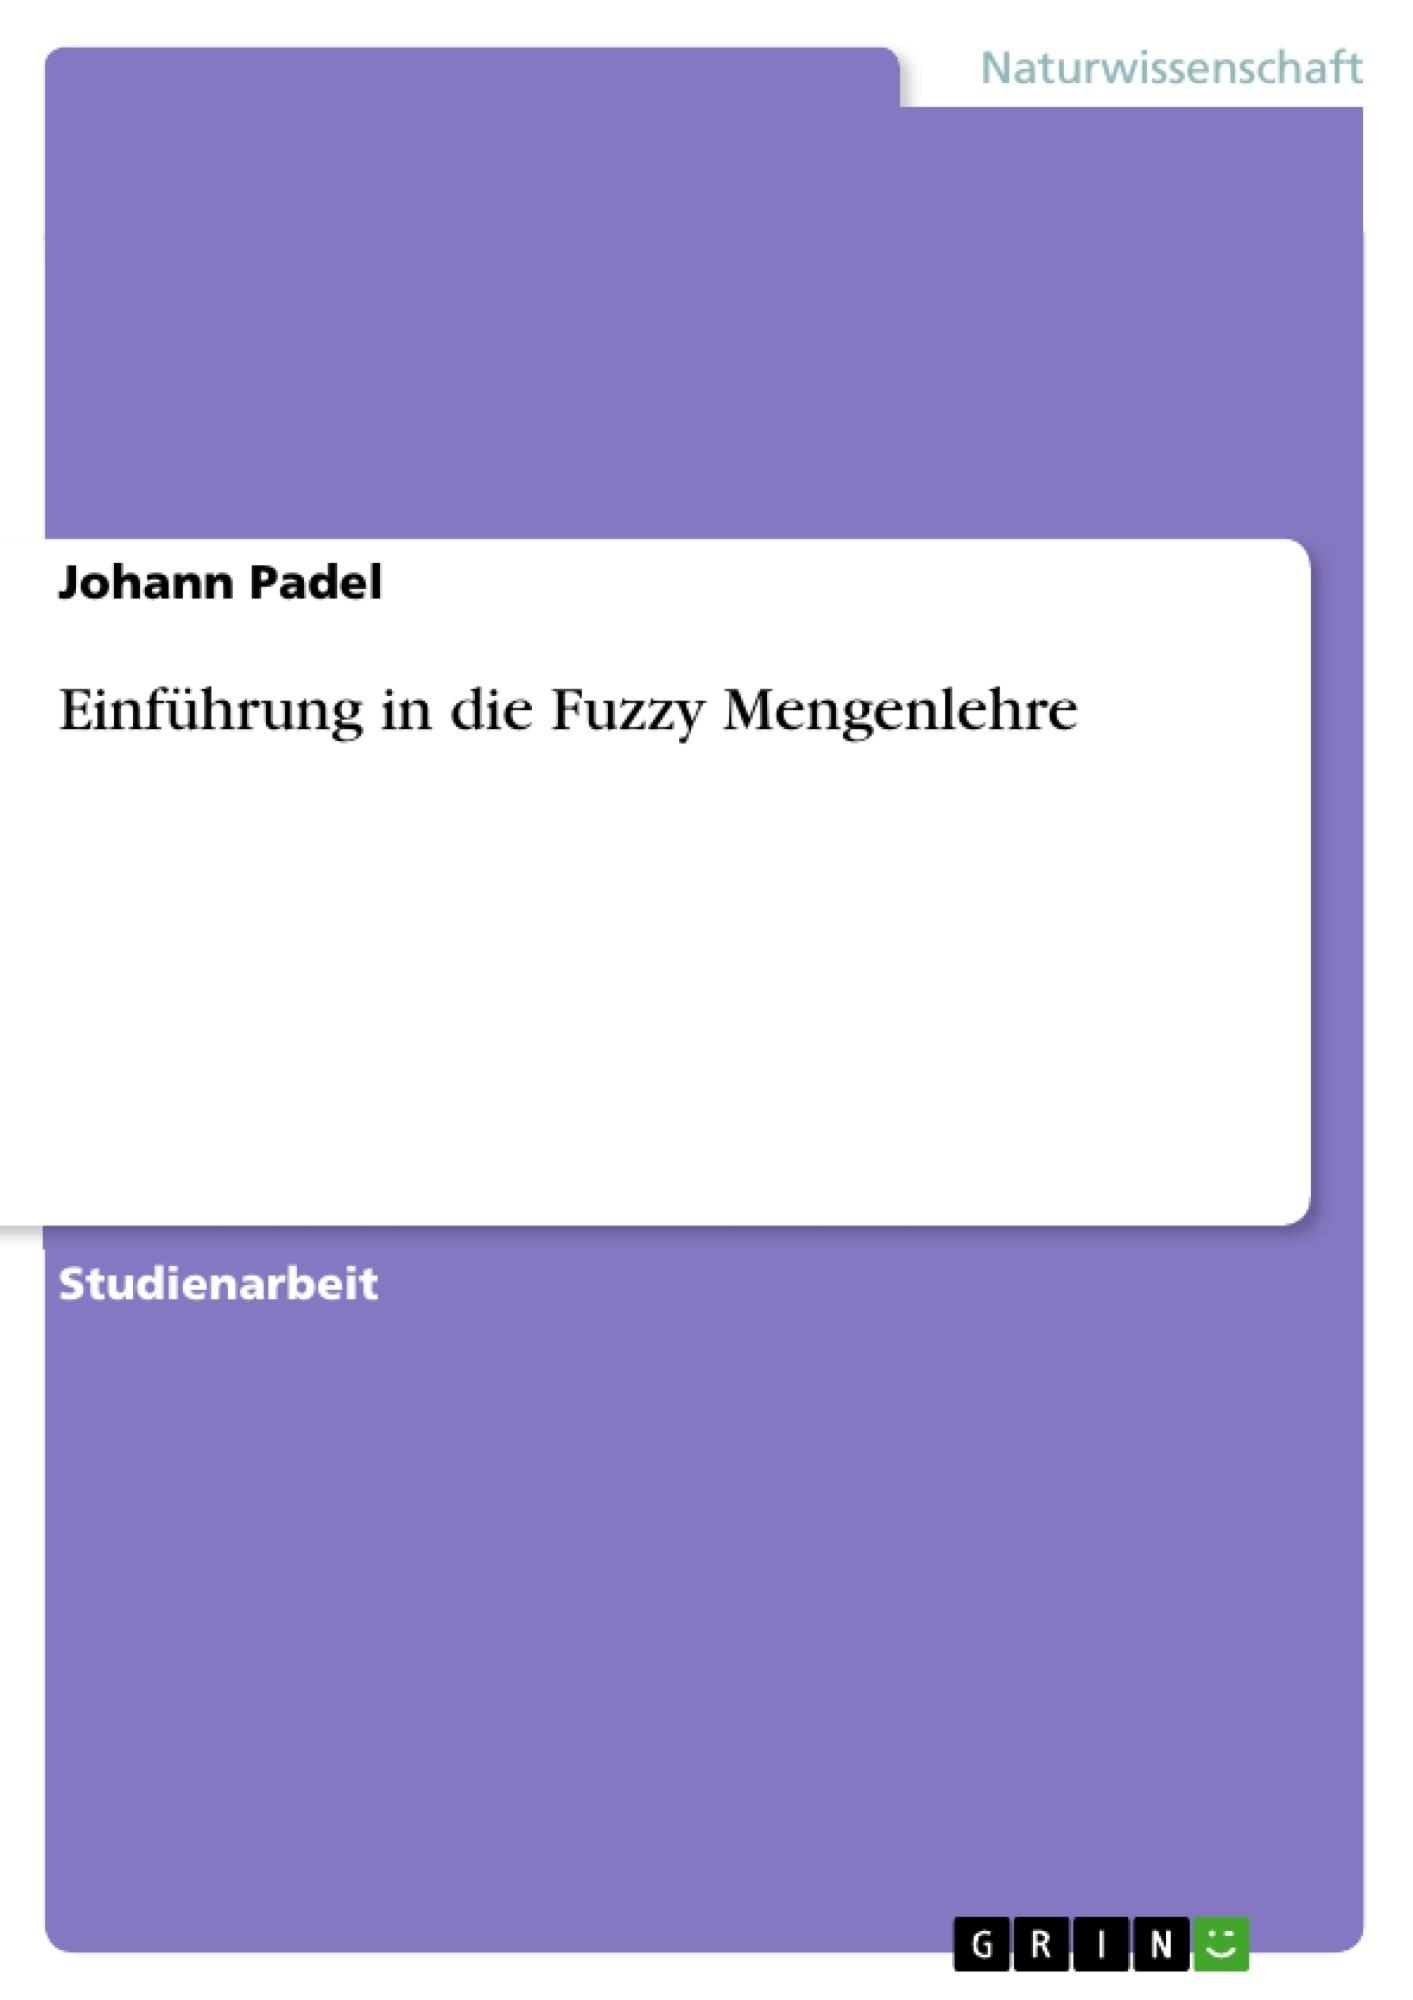 Titel: Einführung in die Fuzzy Mengenlehre